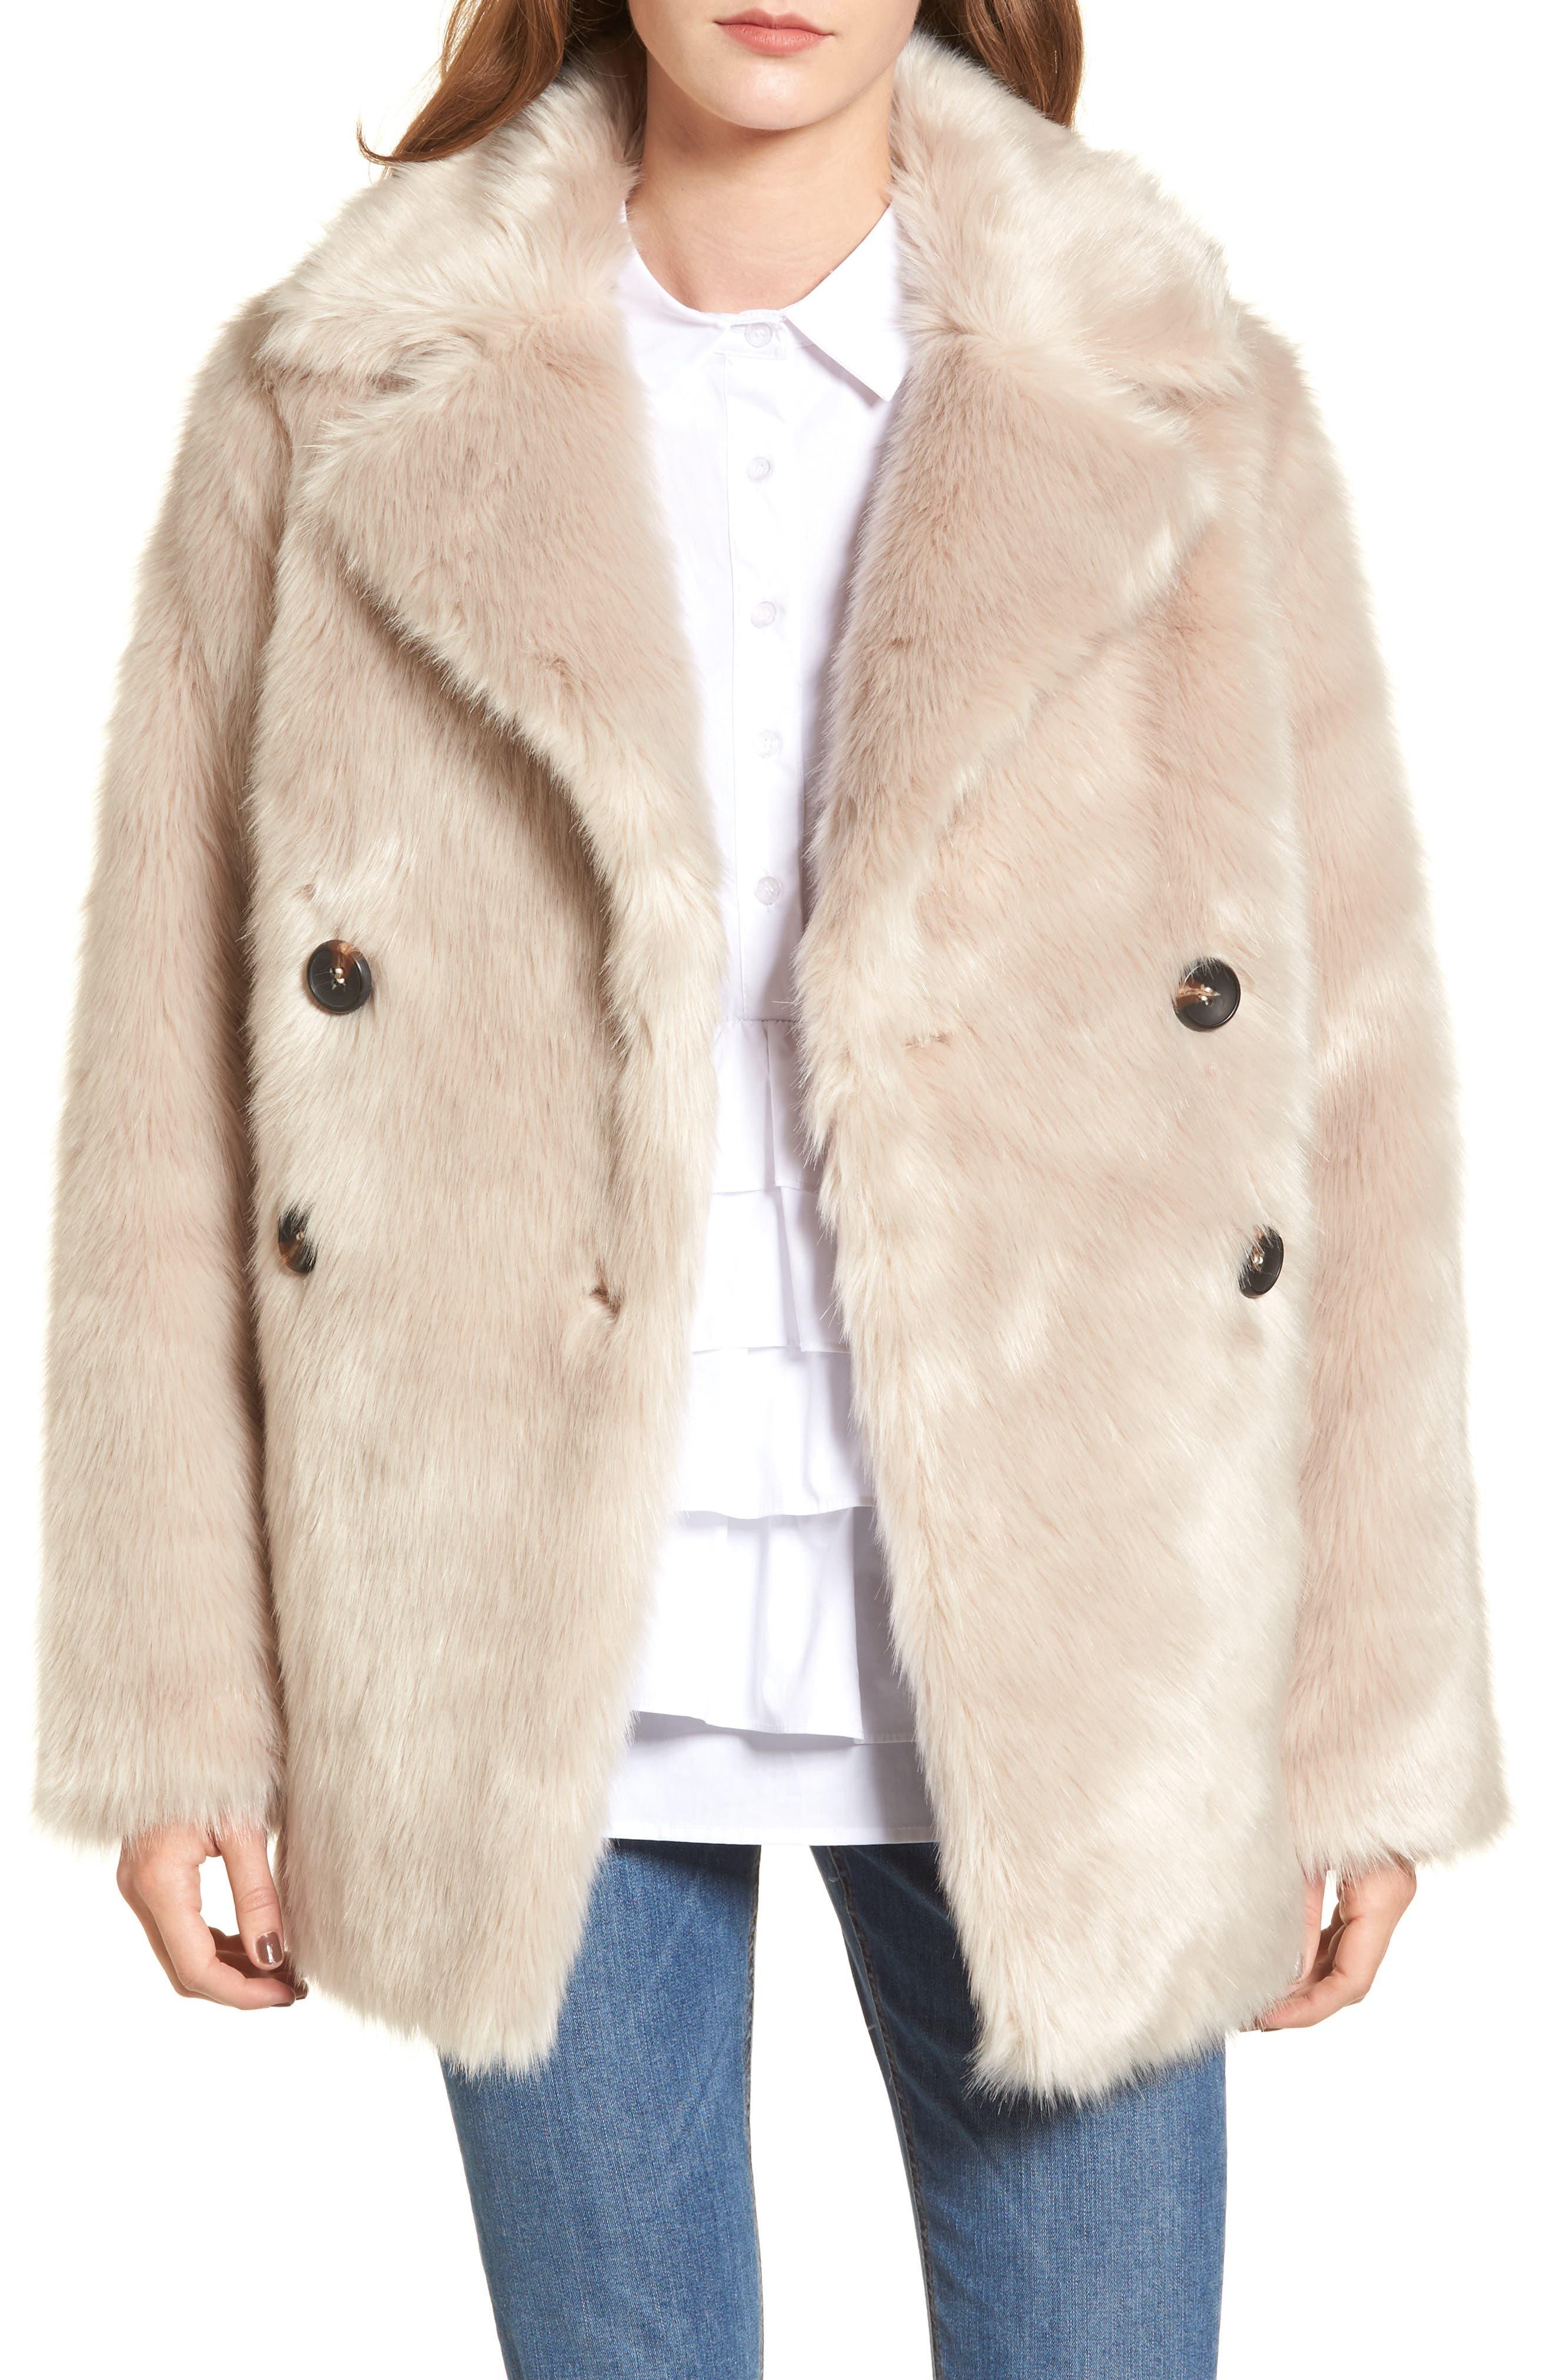 Main Image - LOST INK Faux Fur Coat